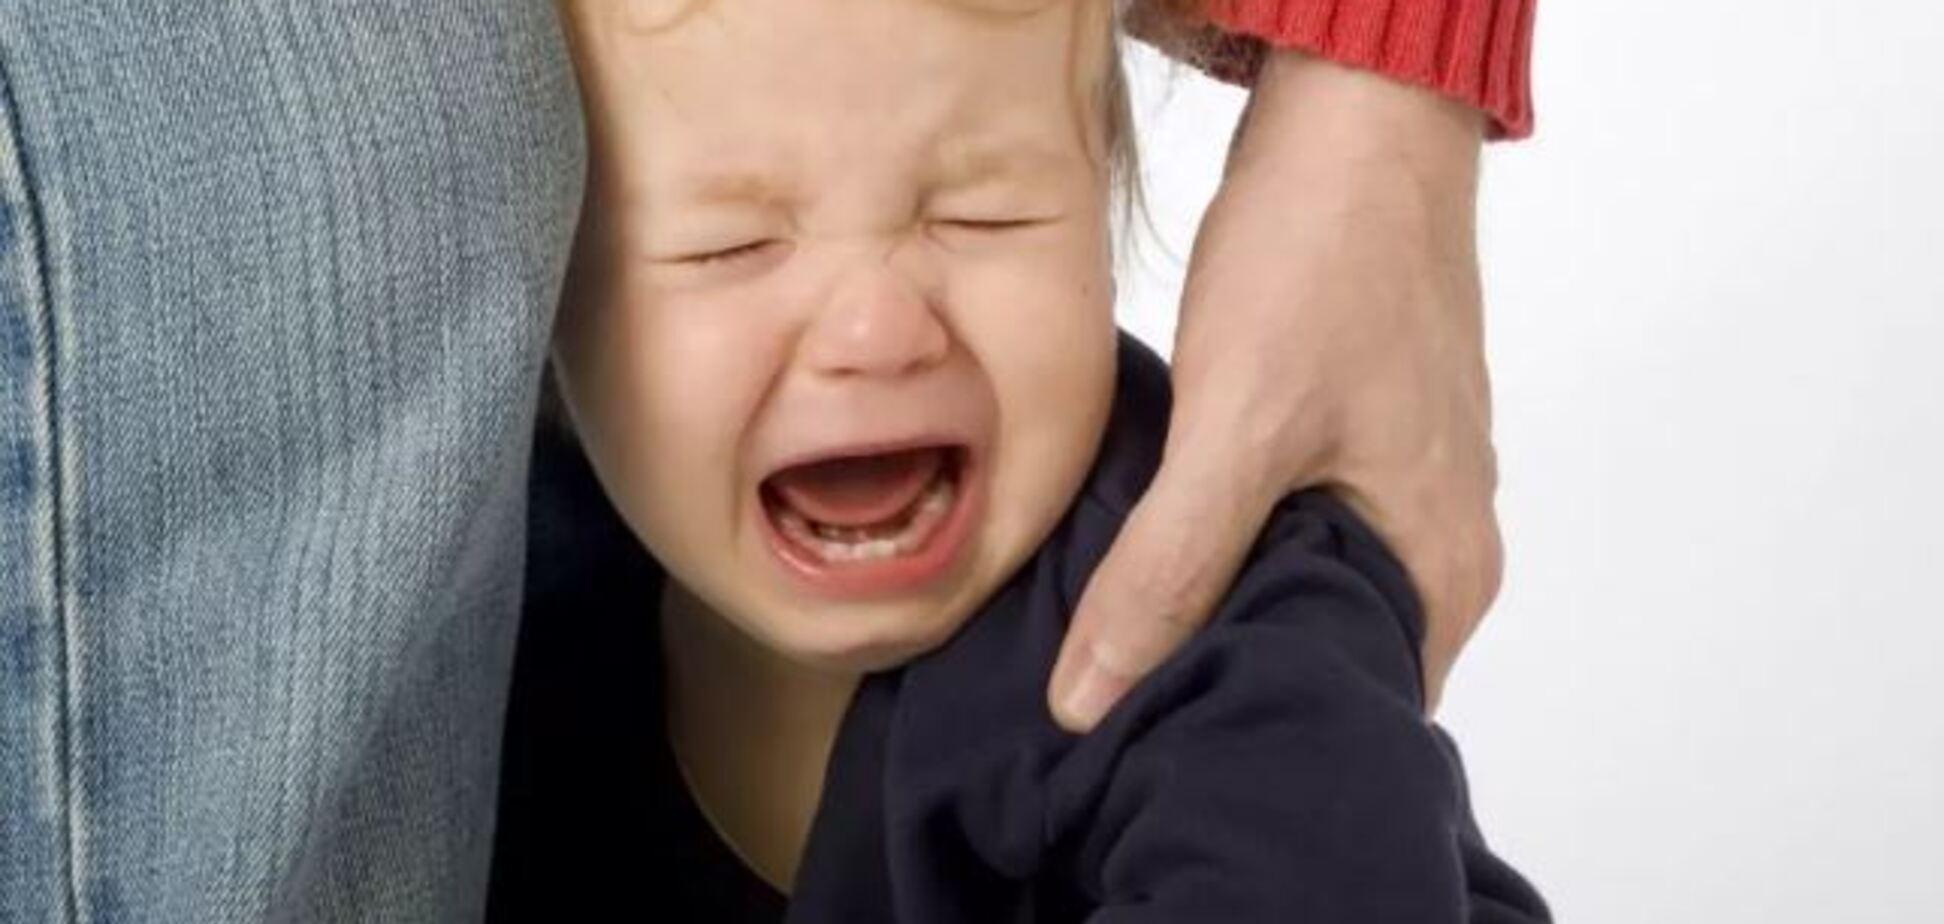 Переламав усі кістки: під Києвом батько по-звірячому забив до смерті 4-річного сина